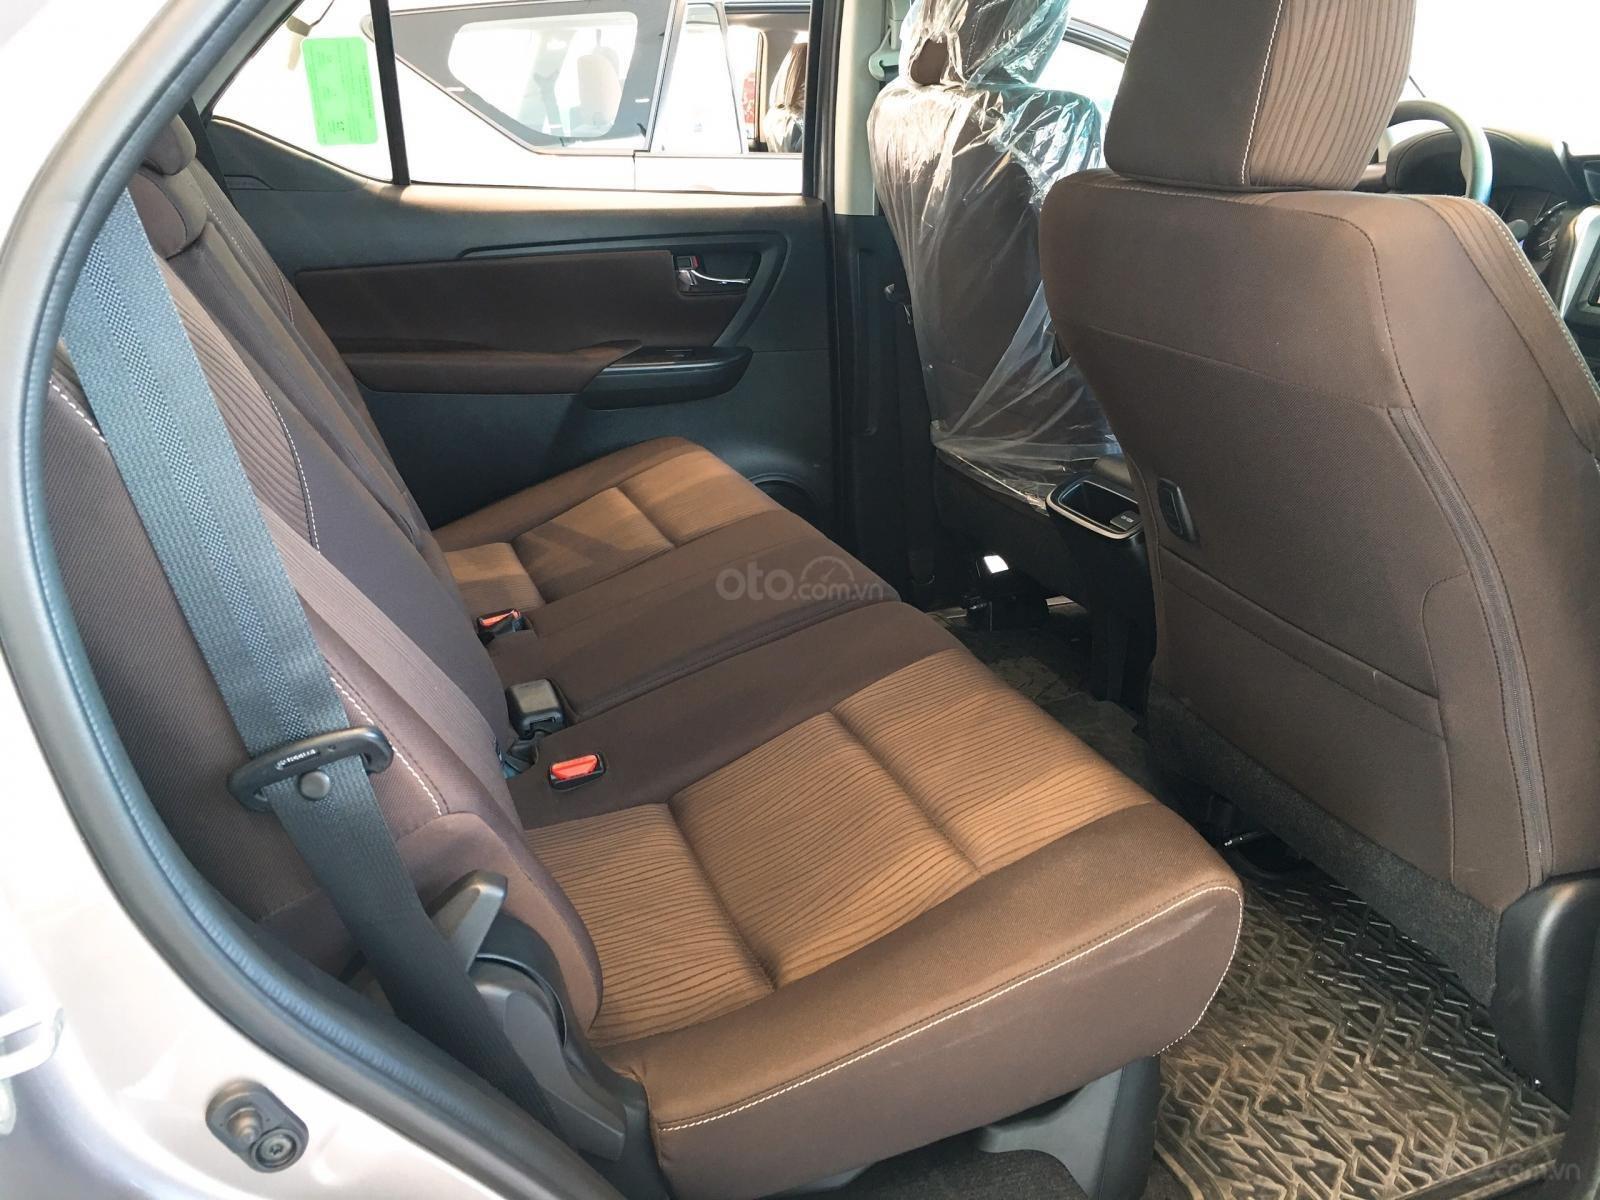 Toyota Fortuner 2.4G máy dầu, số sàn, màu đồng ánh kim, giá chỉ 998 triệu (5)